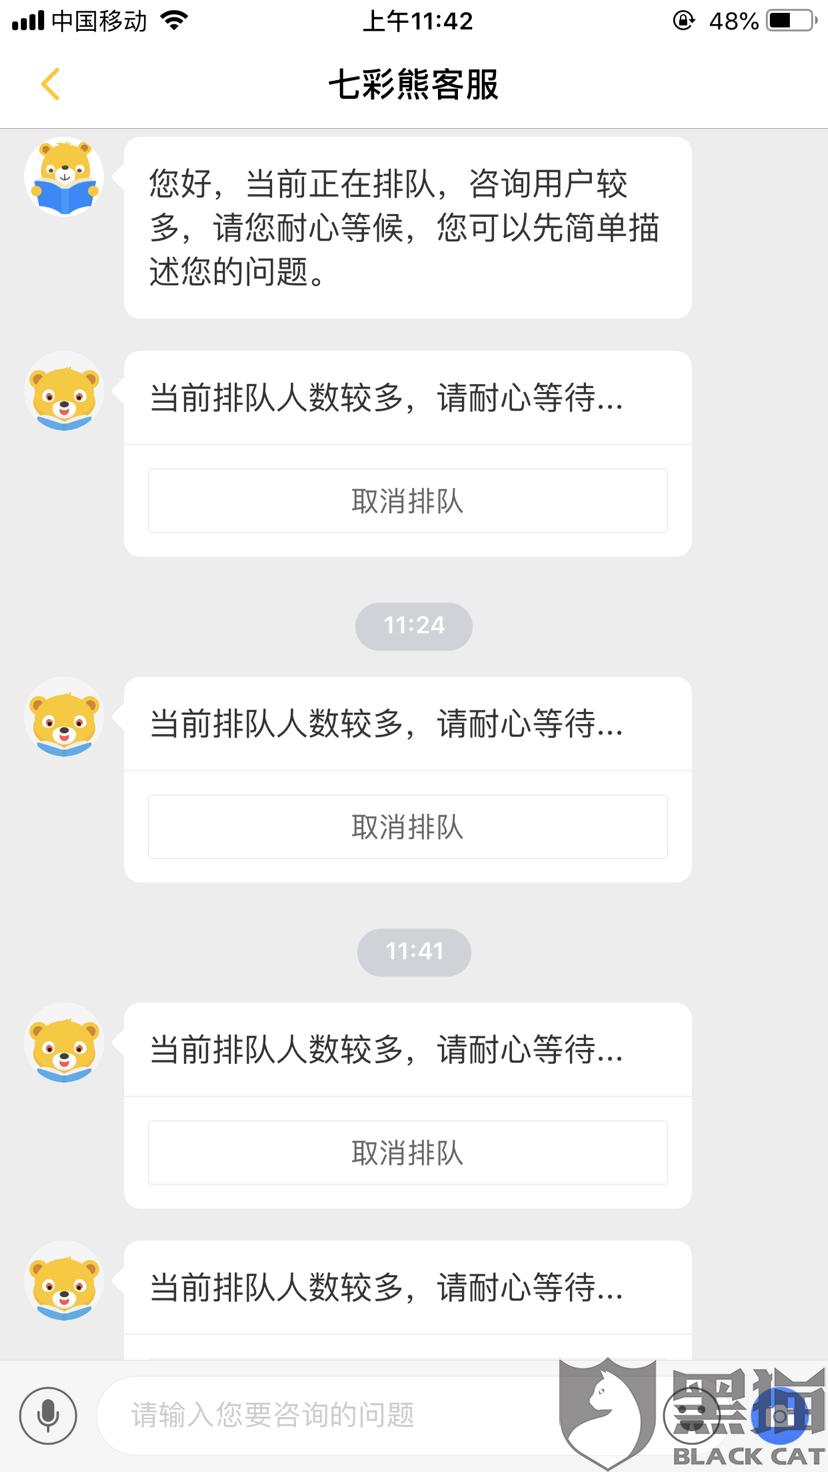 黑猫投诉:投诉七彩熊英语app杭州趣学乐公司